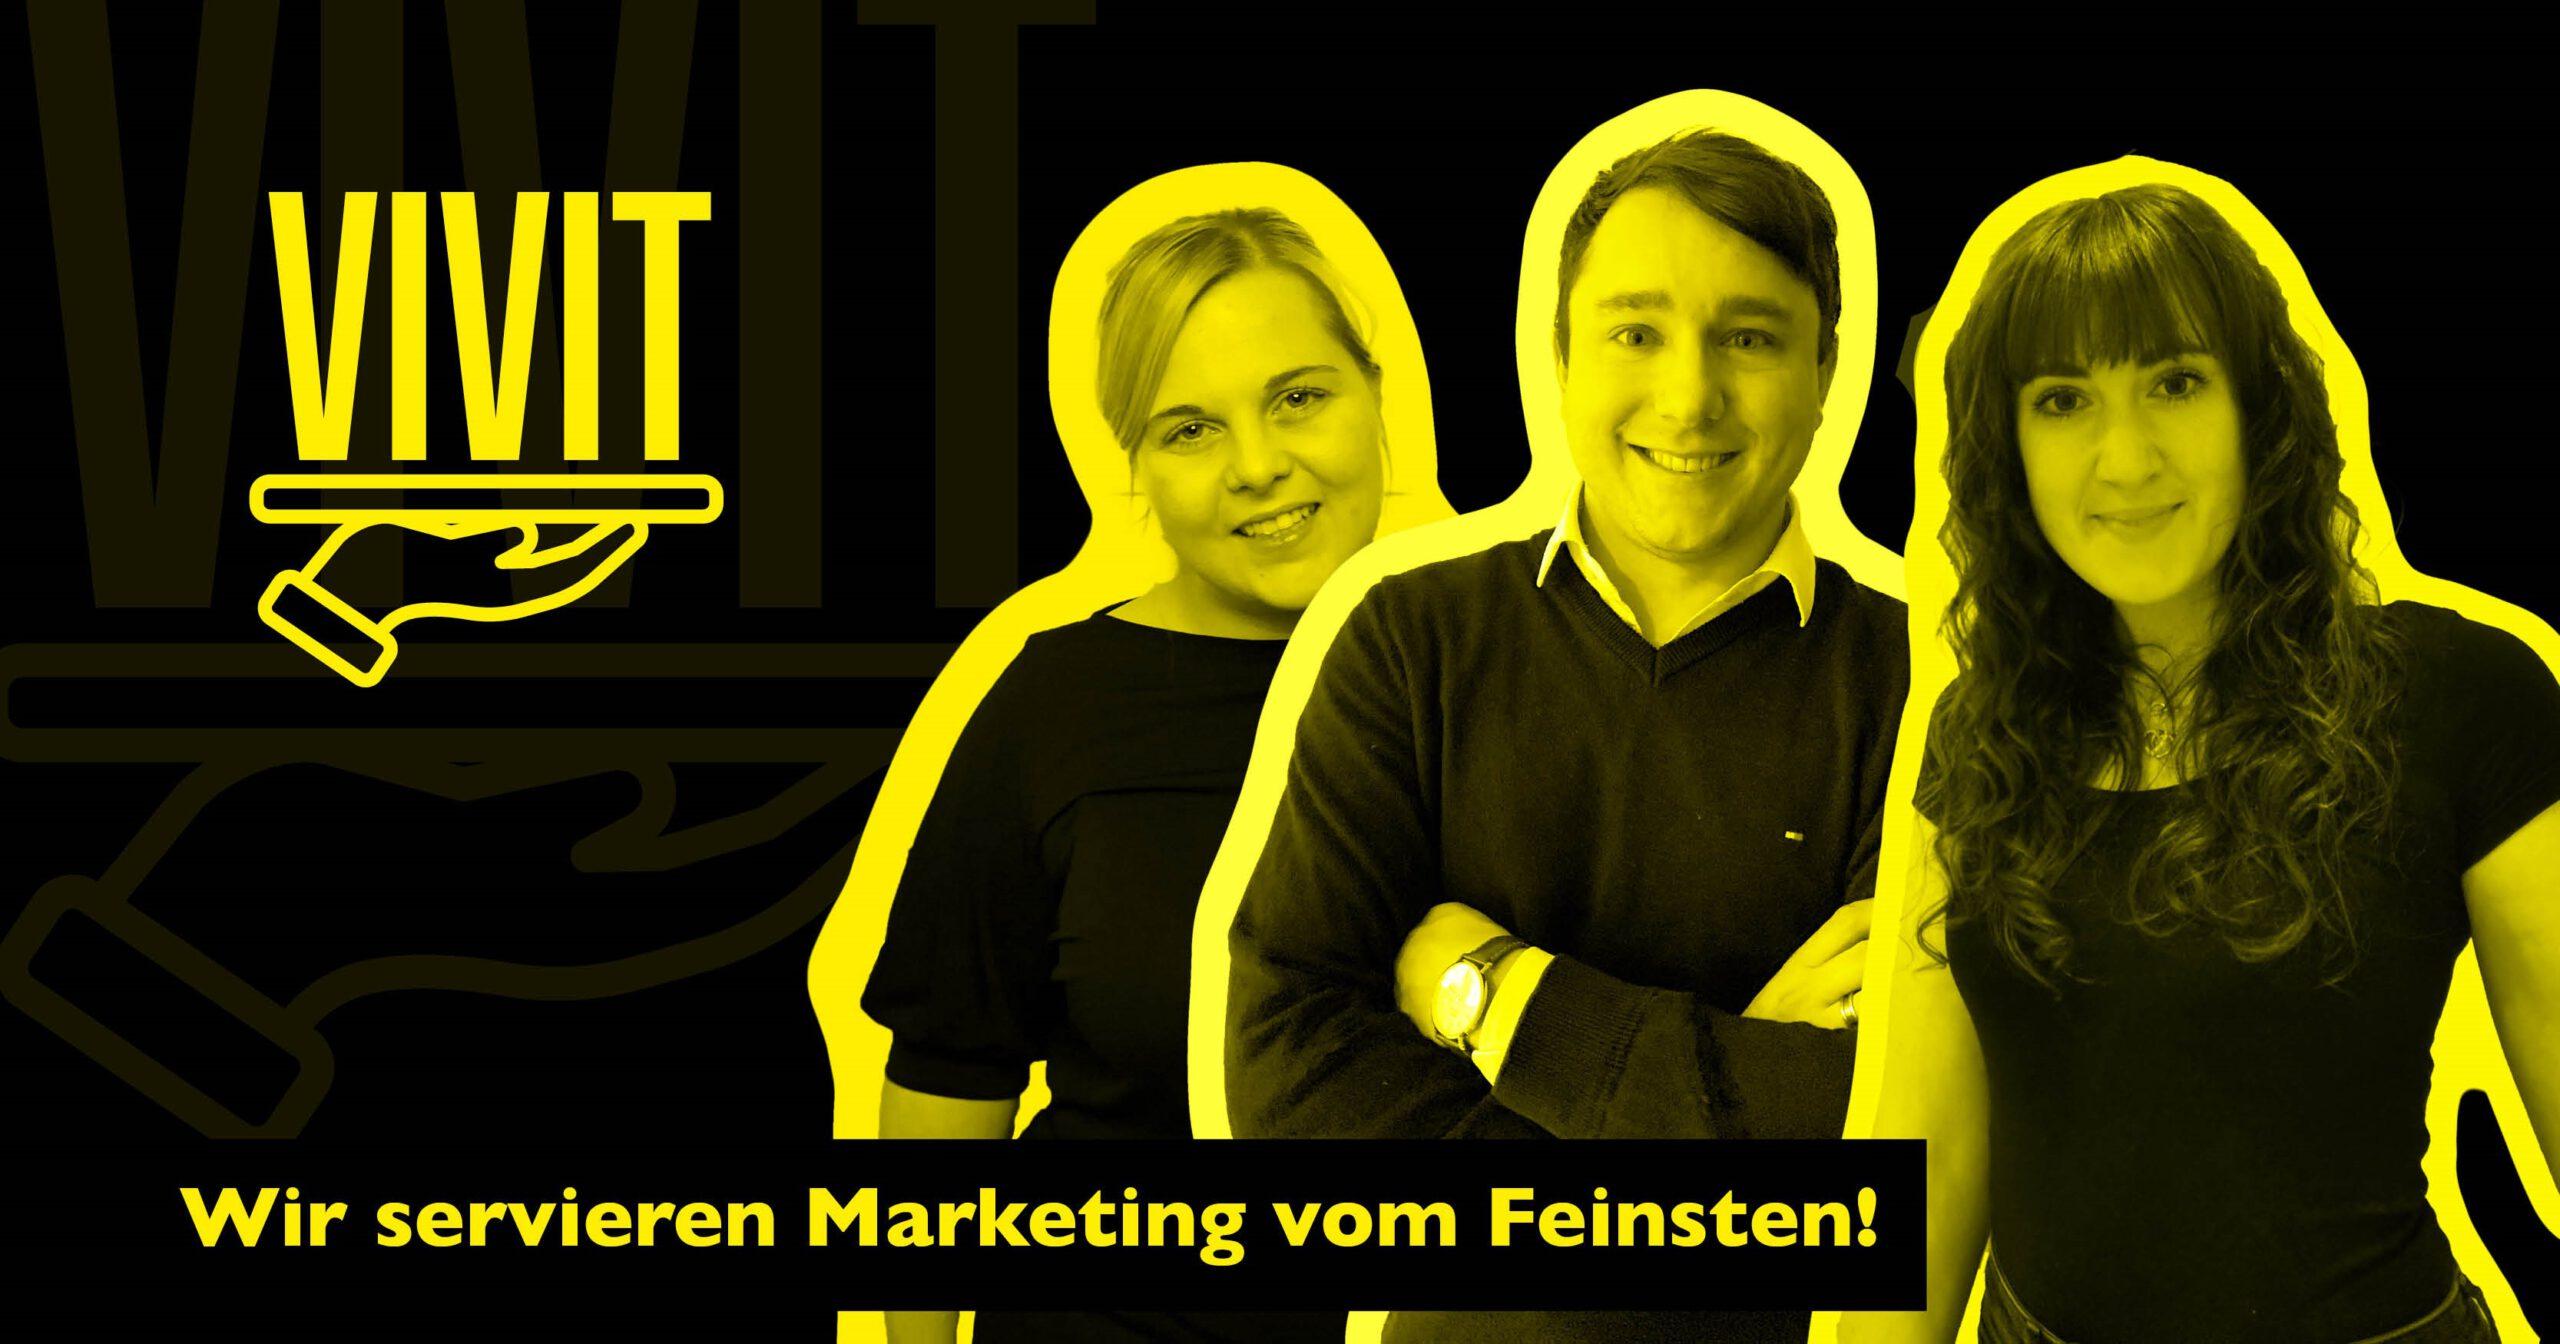 Agentur VIVIT präsentiert sich in diesem Bild mit dem Logo, dem Claim und den Teammitgliedern..